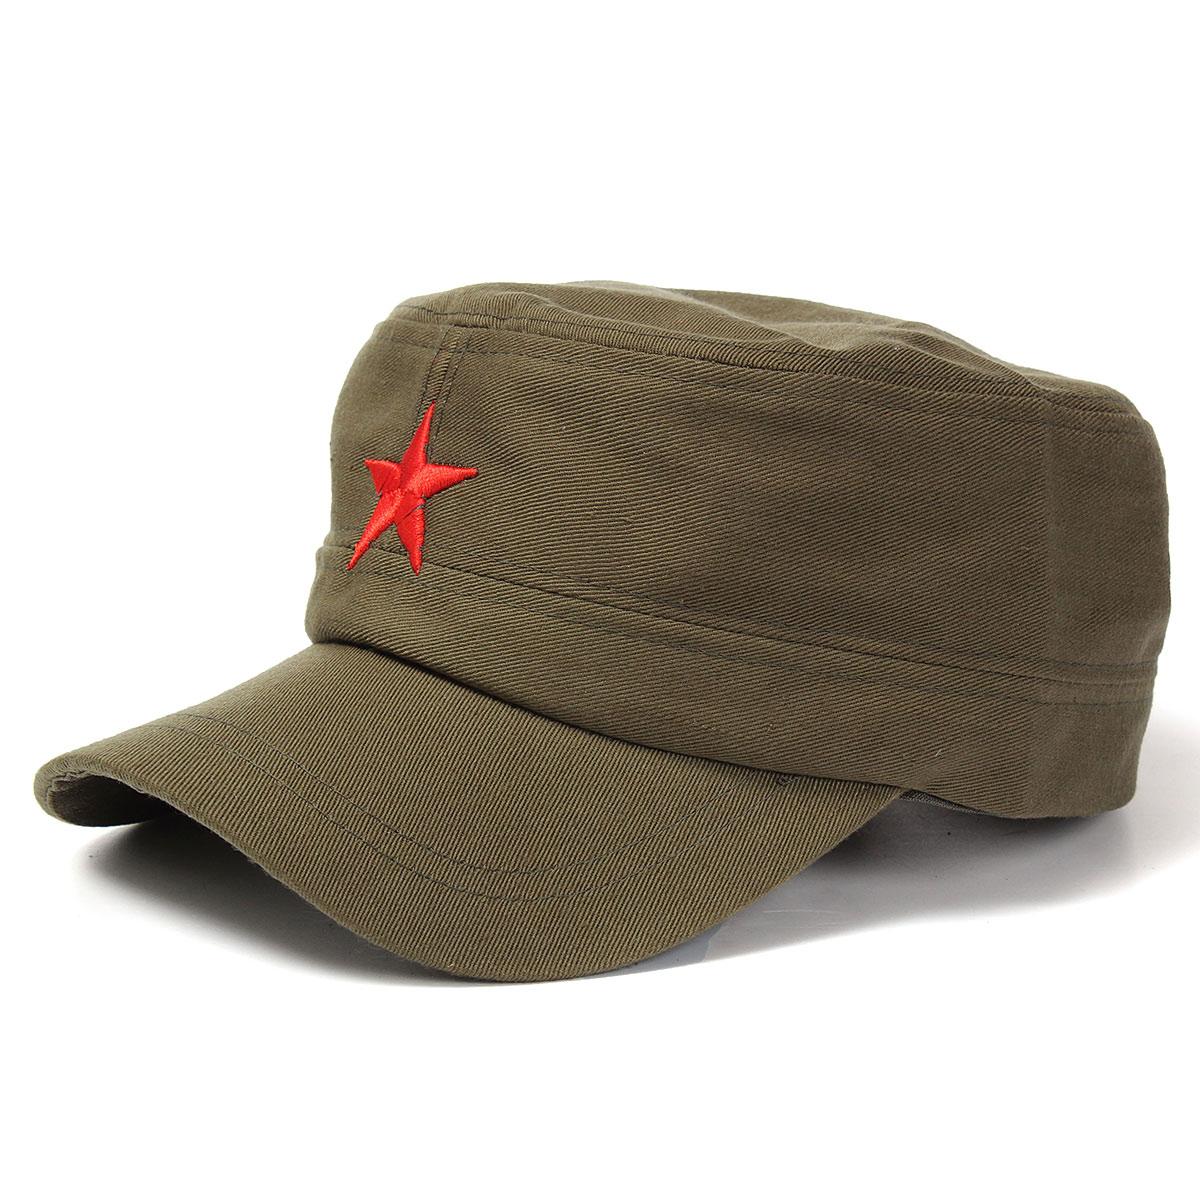 Unissex Estrela Vermelha Algodão Cadete do Exército Boné Militar Chapéu  Ajustável c5d3537eed6